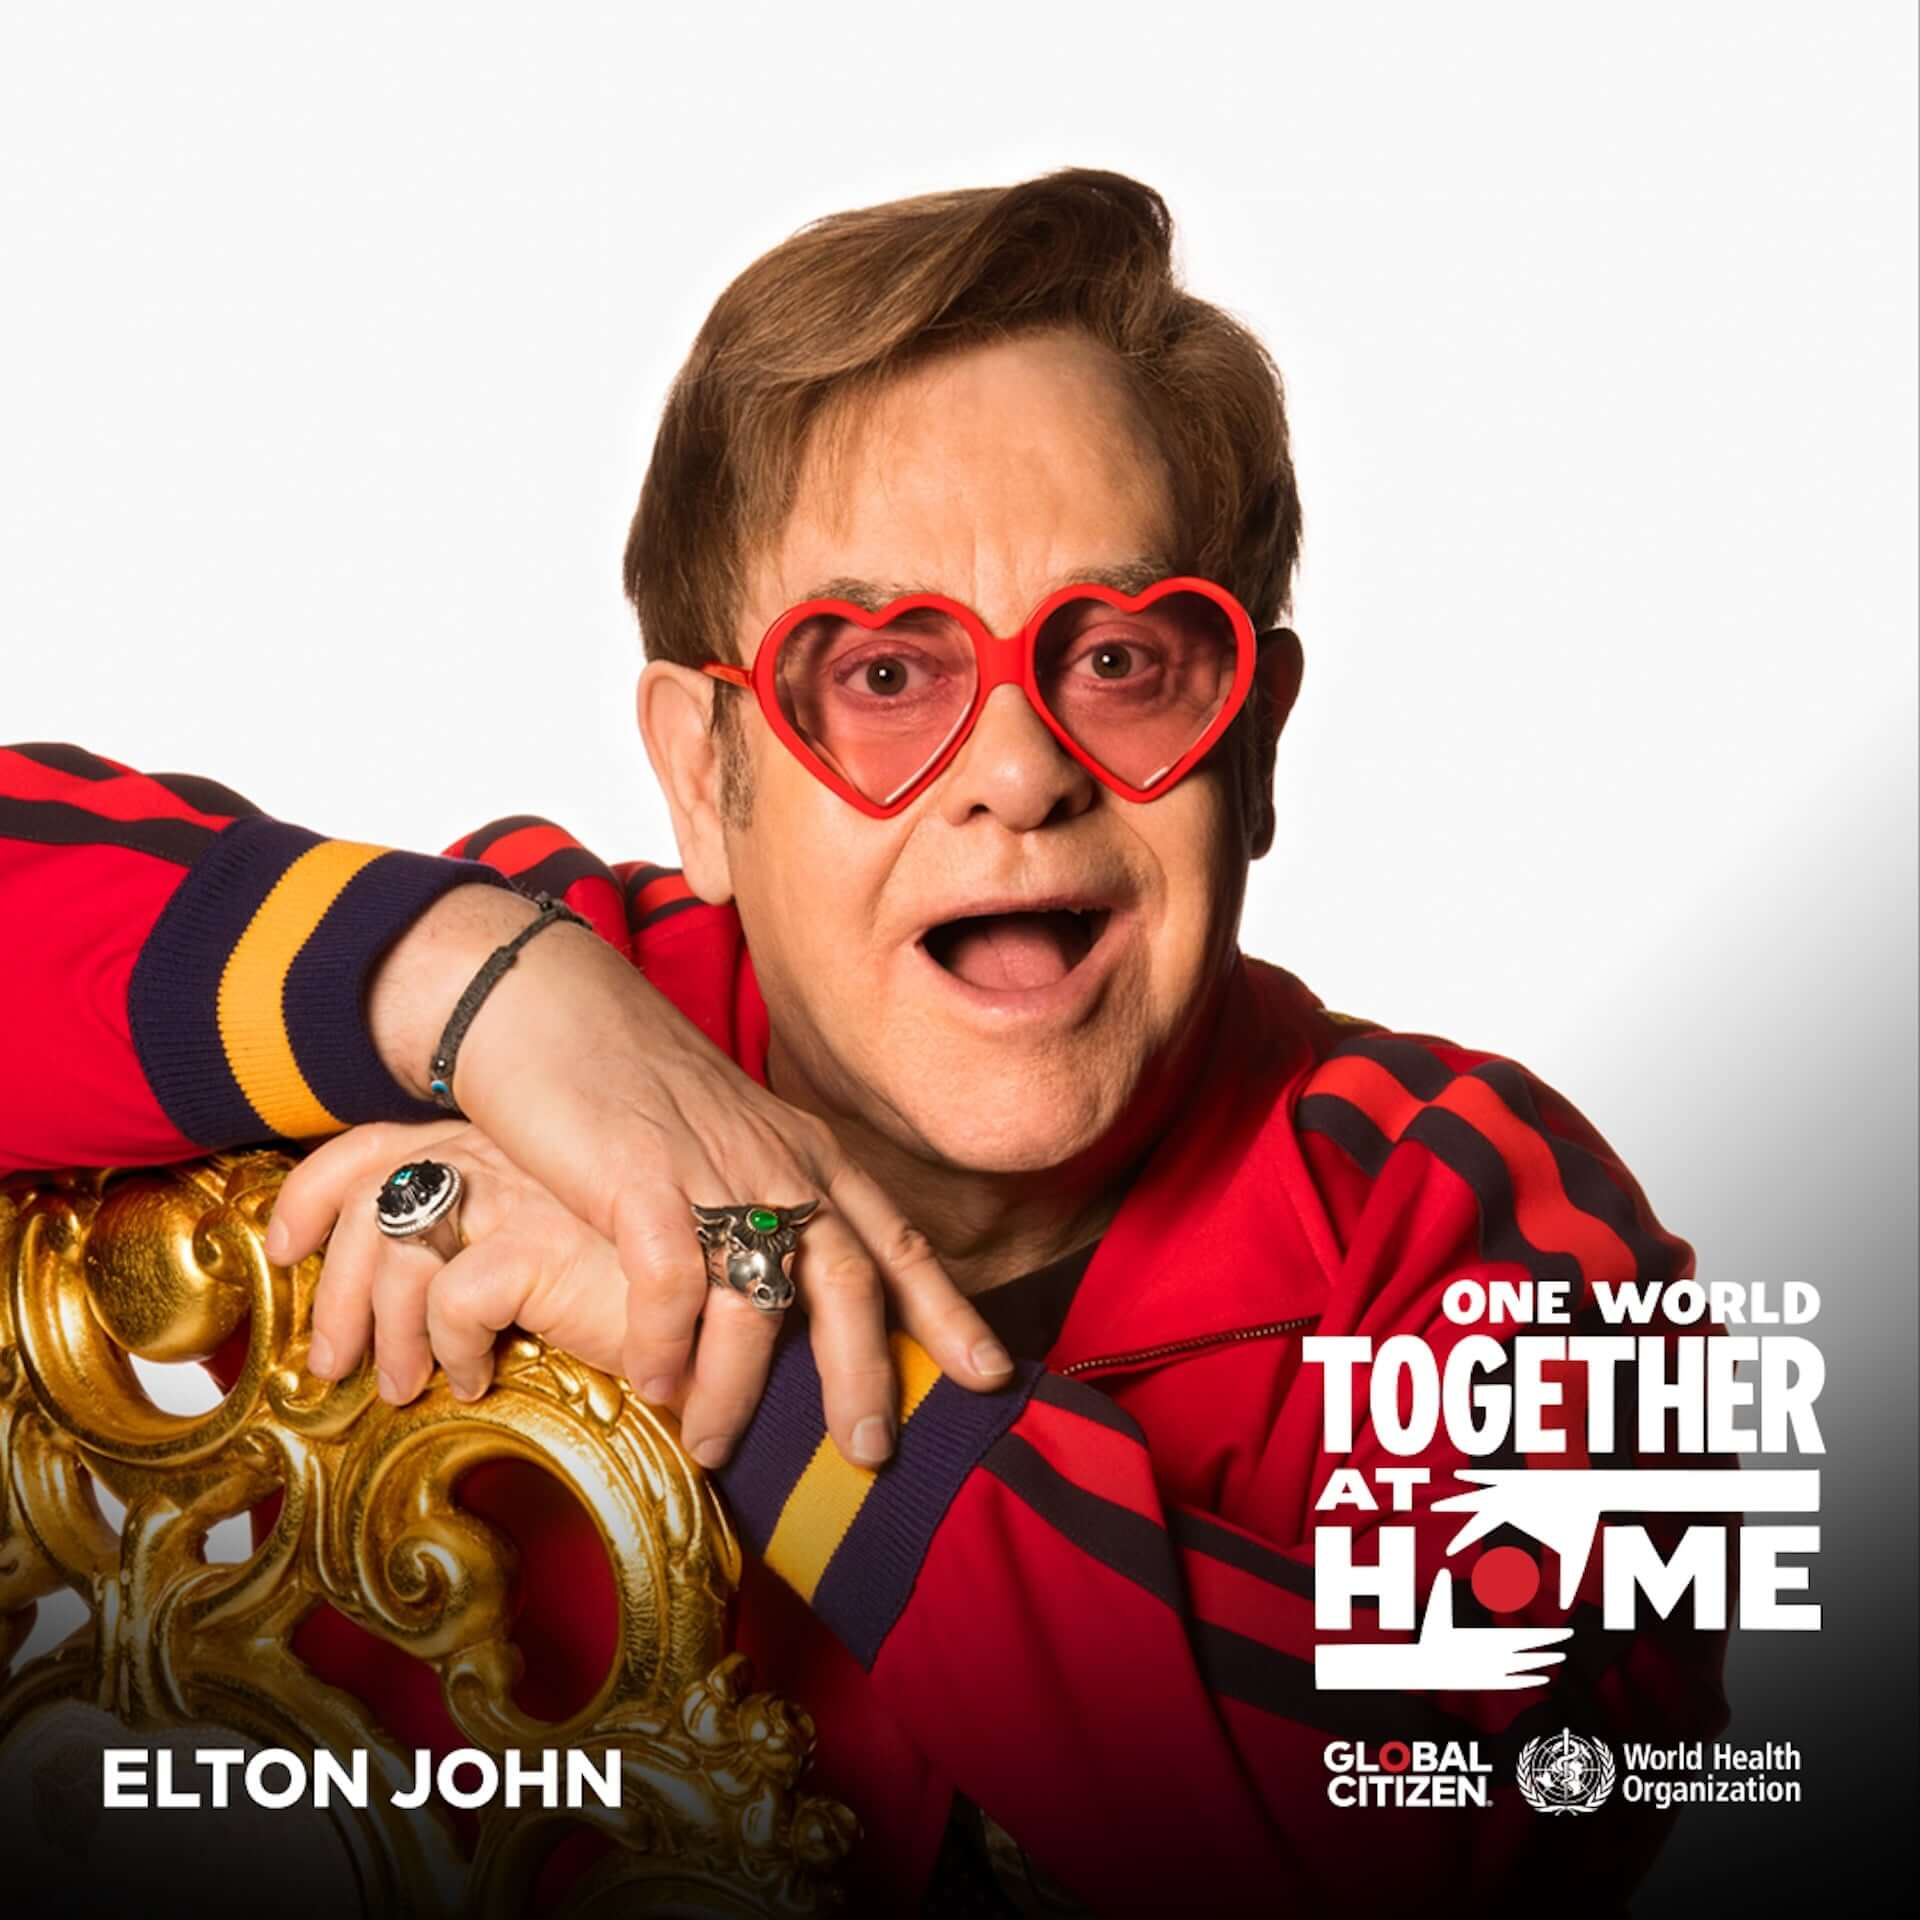 レディー・ガガ主導のバーチャルコンサート<One World: Together At Home>が配信決定!ビリー・アイリッシュ、エルトン・ジョンら豪華ラインナップ music200416_amazon_oneworld_3-1920x1920